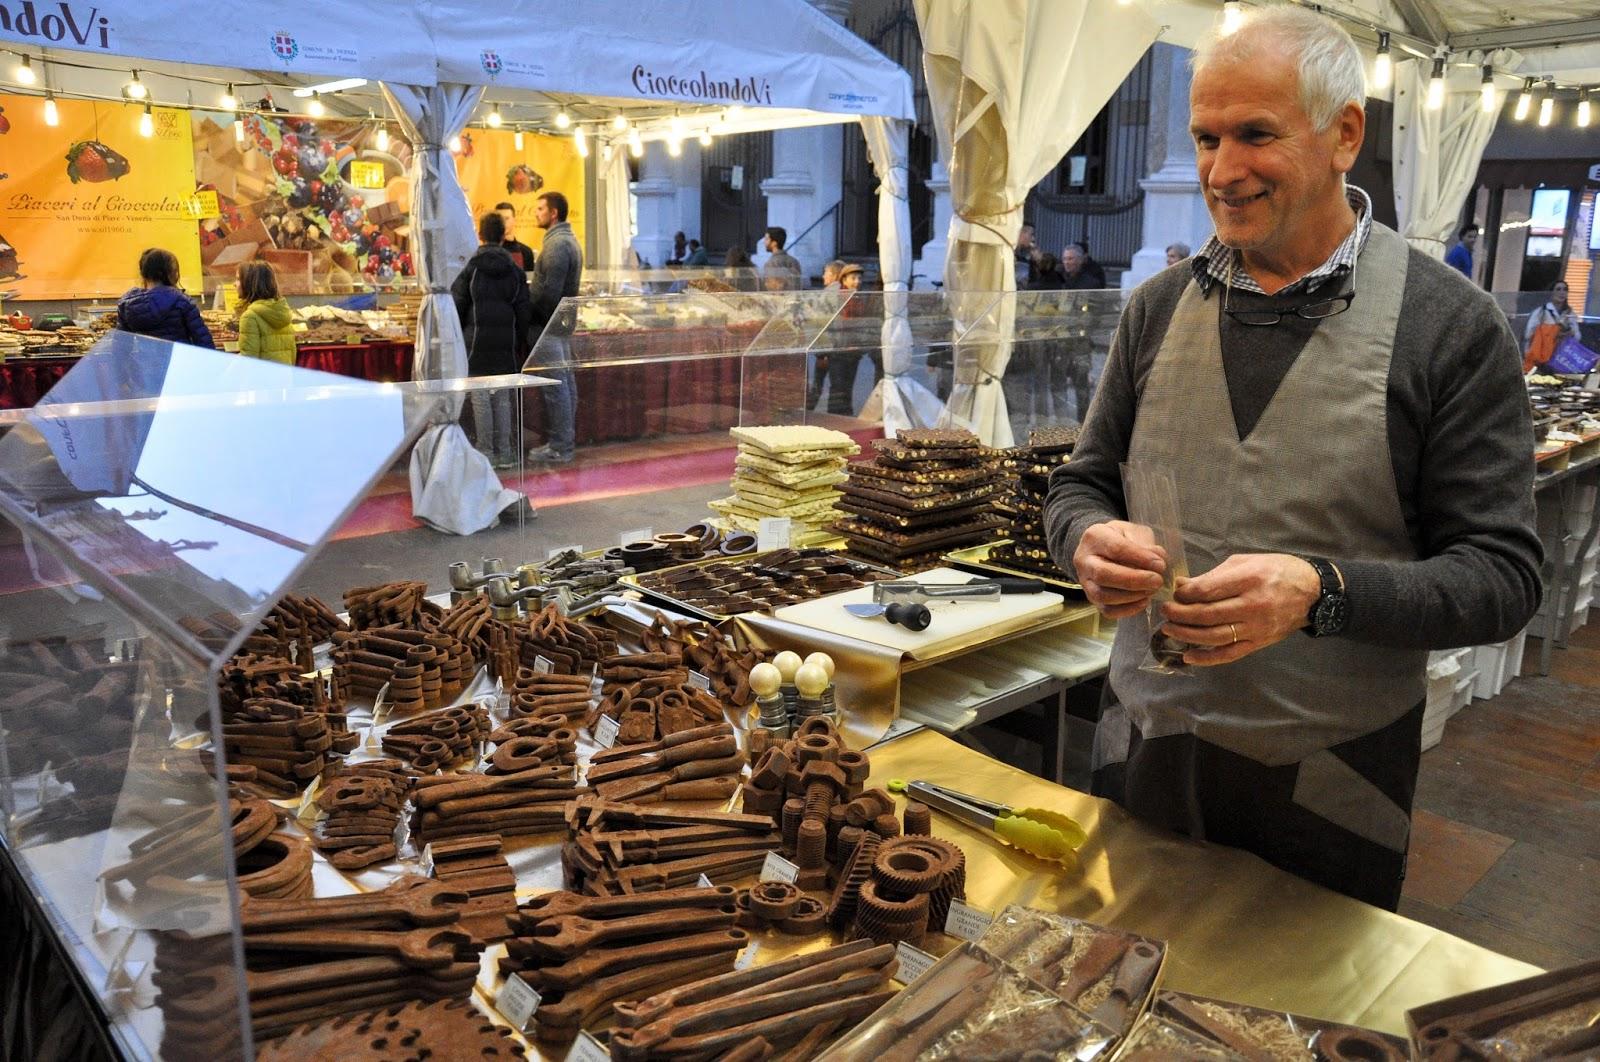 A chocolate maker, Chocolate Festival, Piazza dei Signori, Vicenza, Veneto, Italy